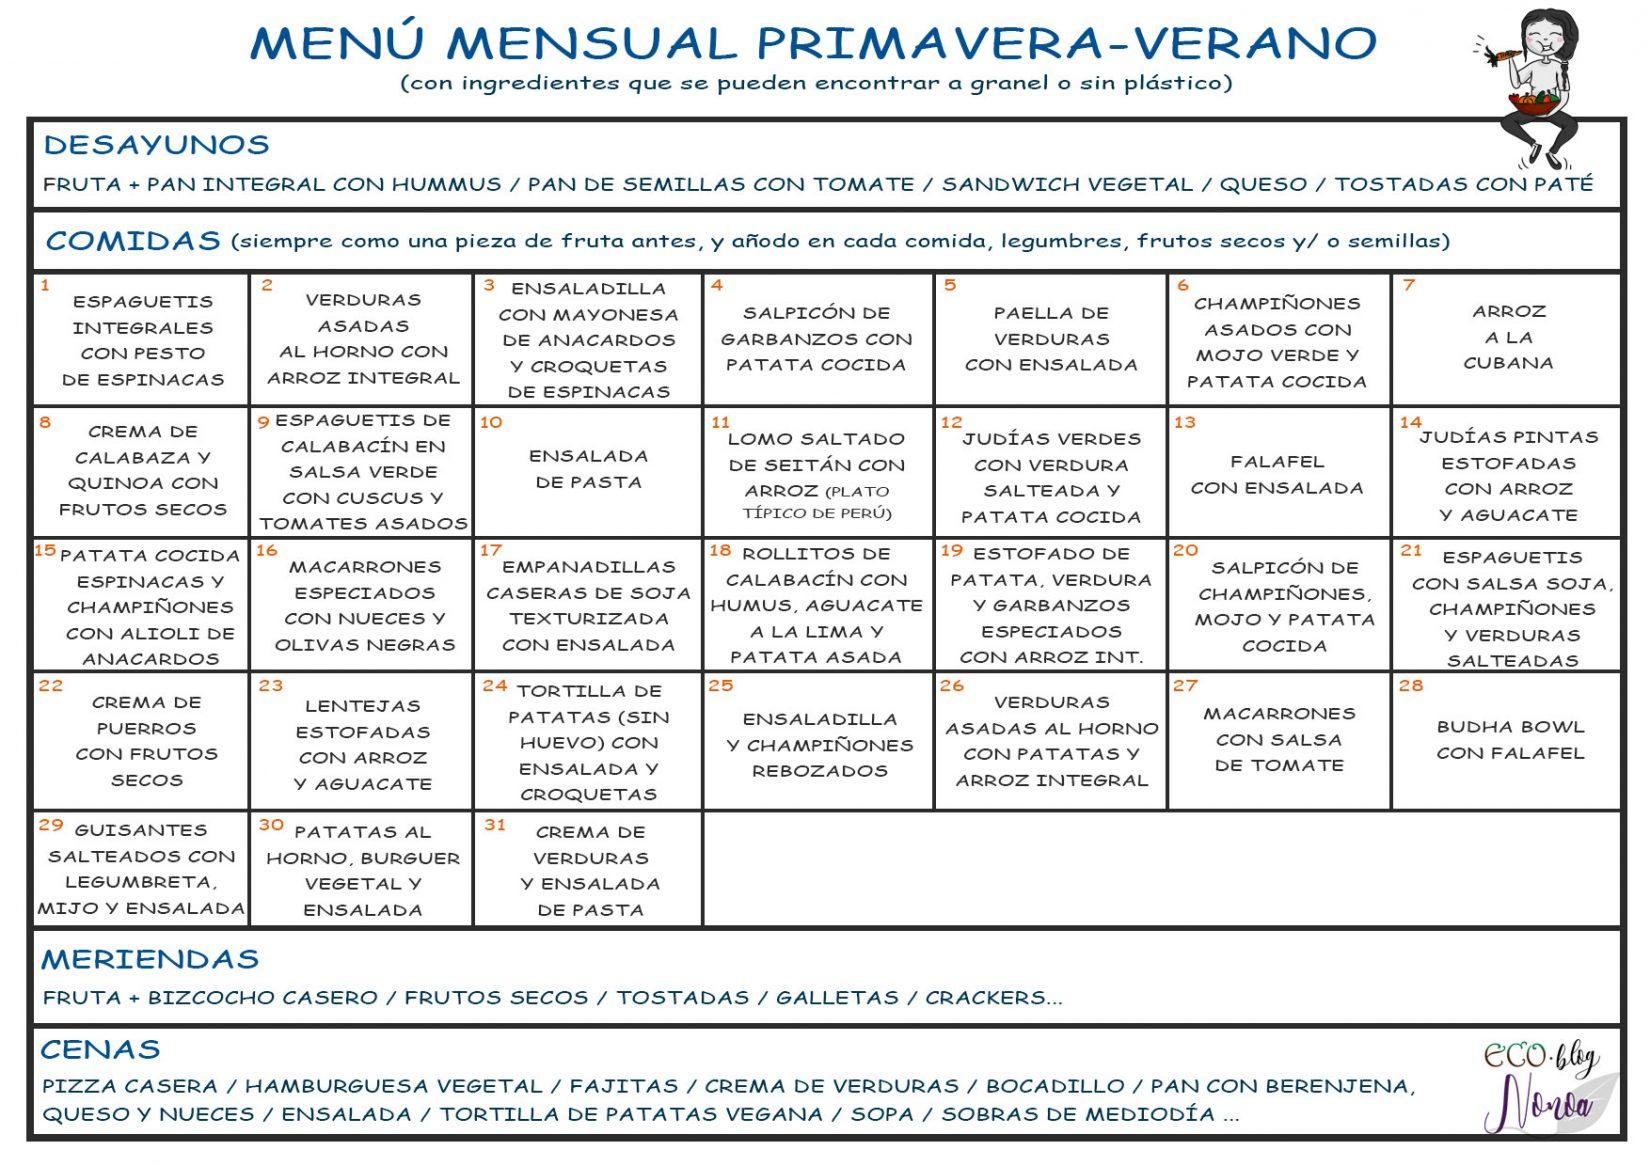 Men mensual primavera verano recetas veganas zero waste for Menu semanal verano